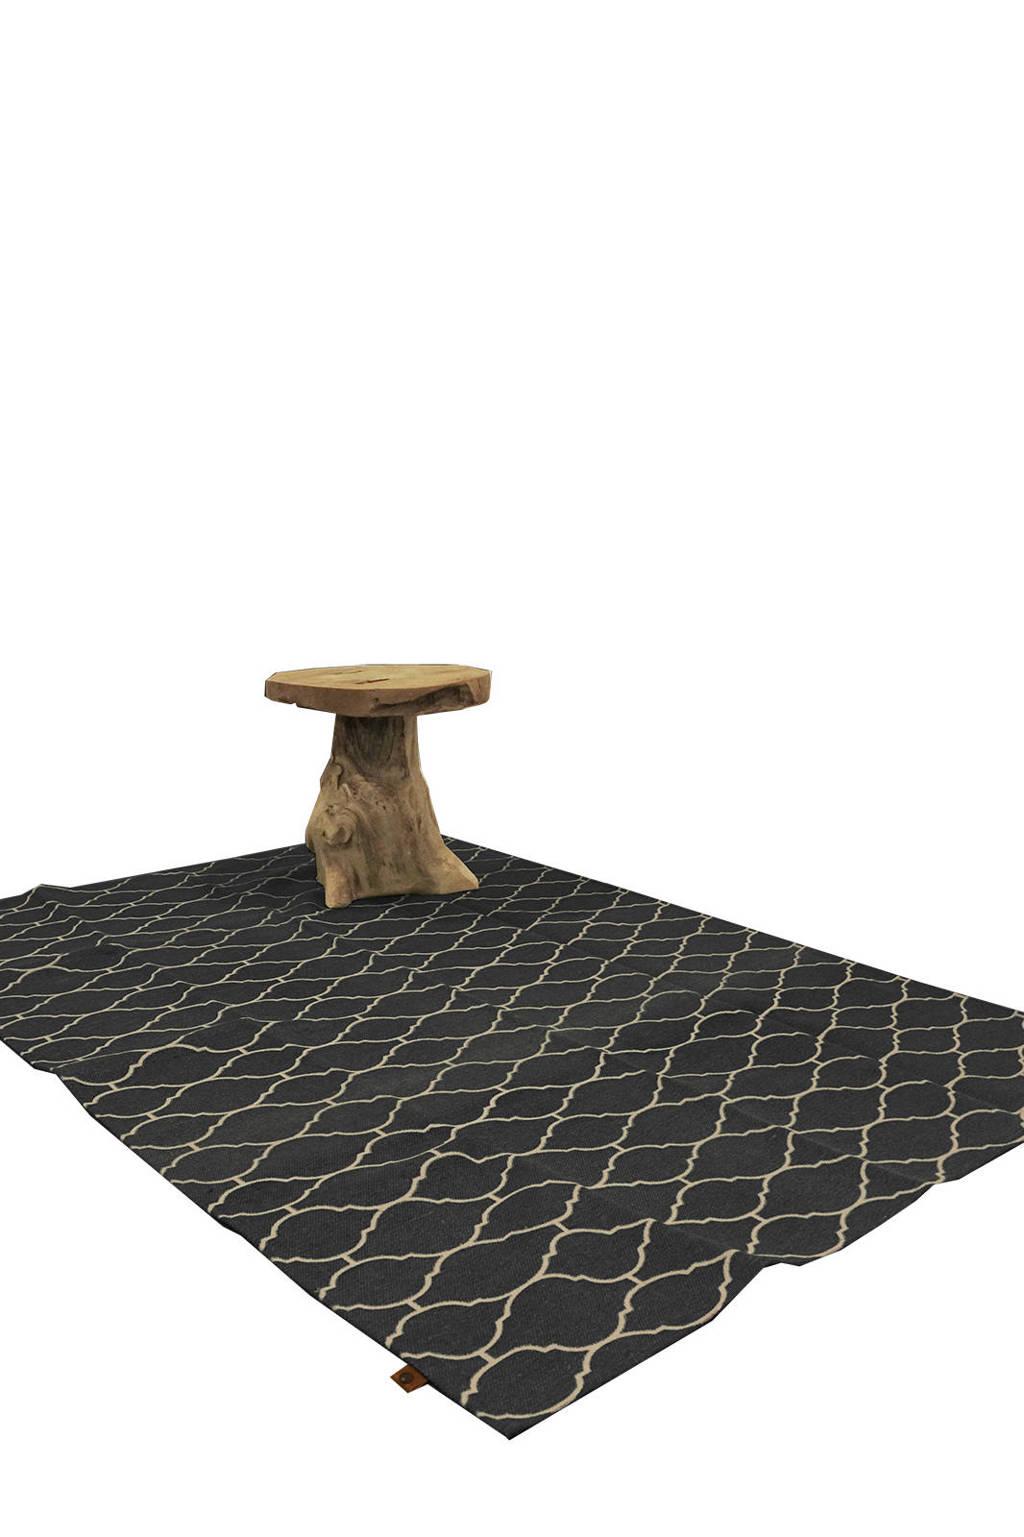 OVERSEAS vloerkleed   (170x120 cm), Antraciet/wit